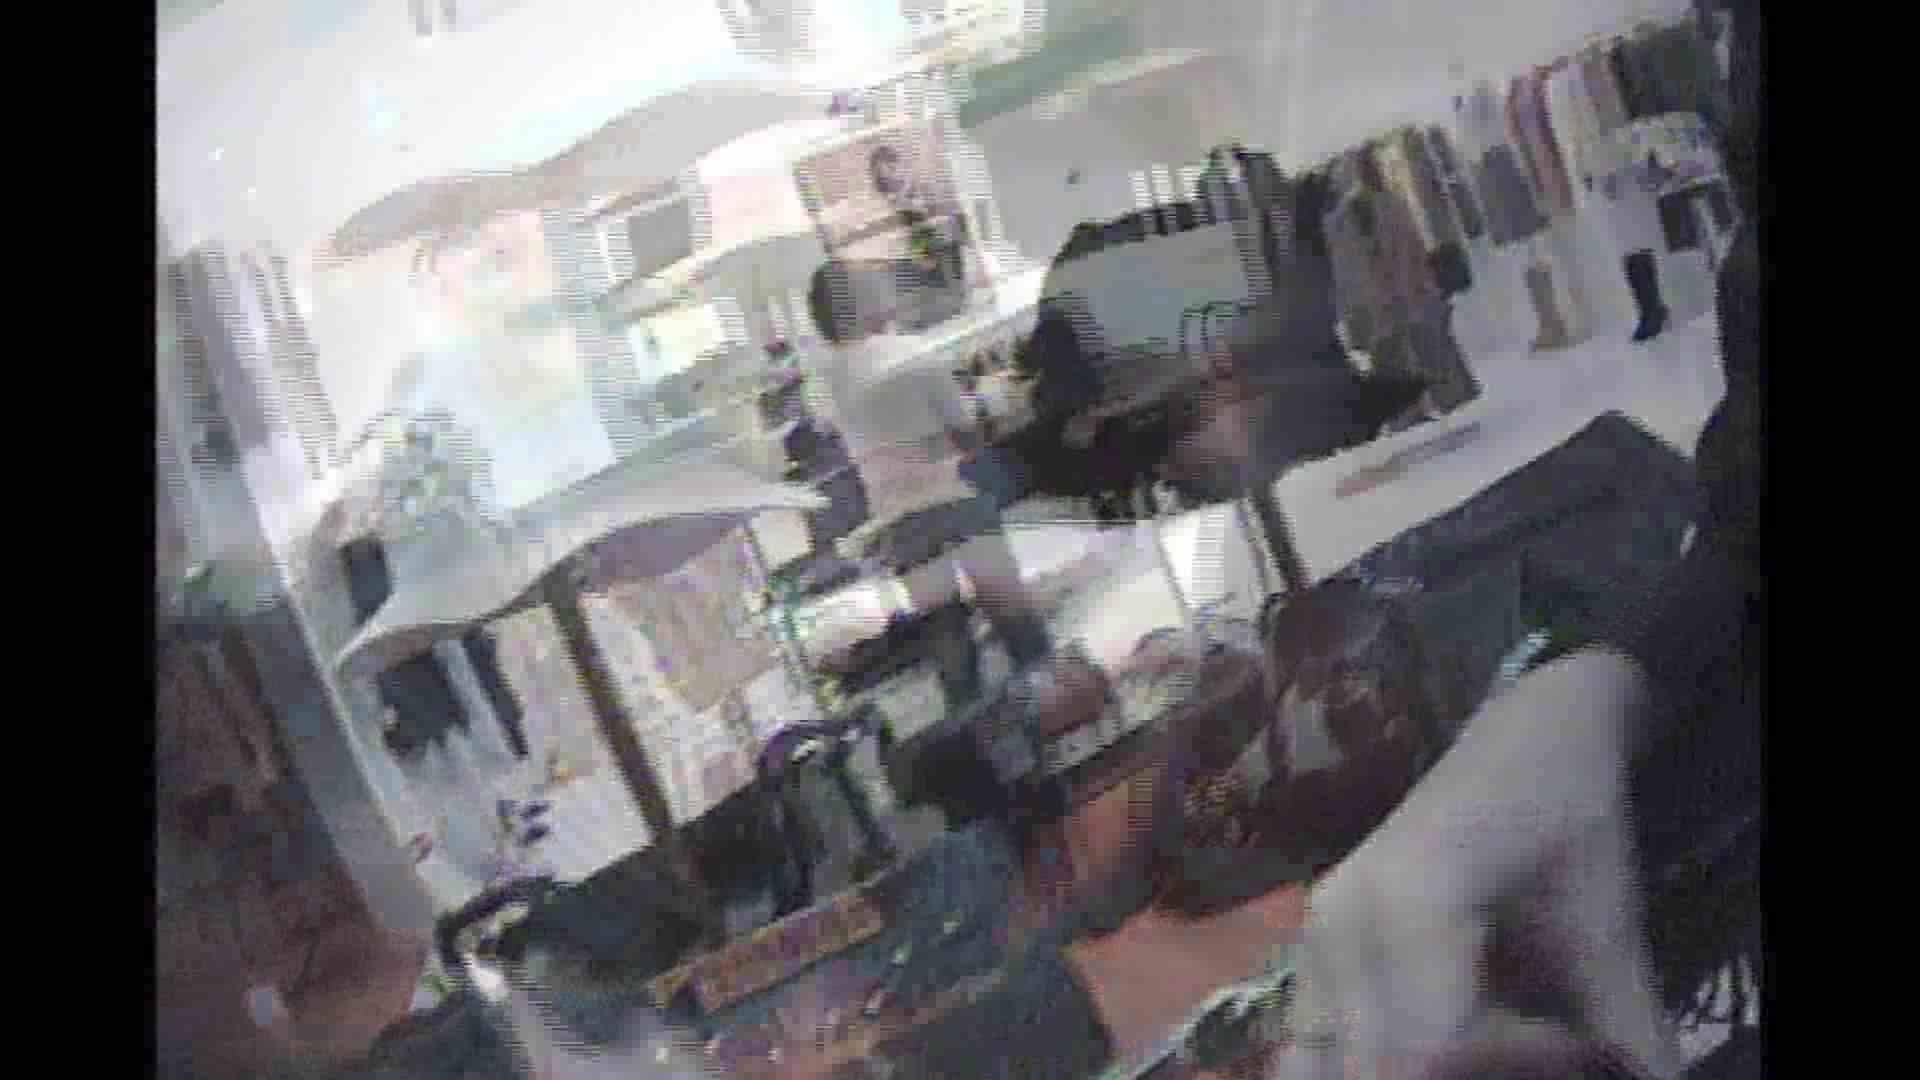 働く美女の谷間参拝 Vol.14 コスチューム オマンコ動画キャプチャ 78PIX 35